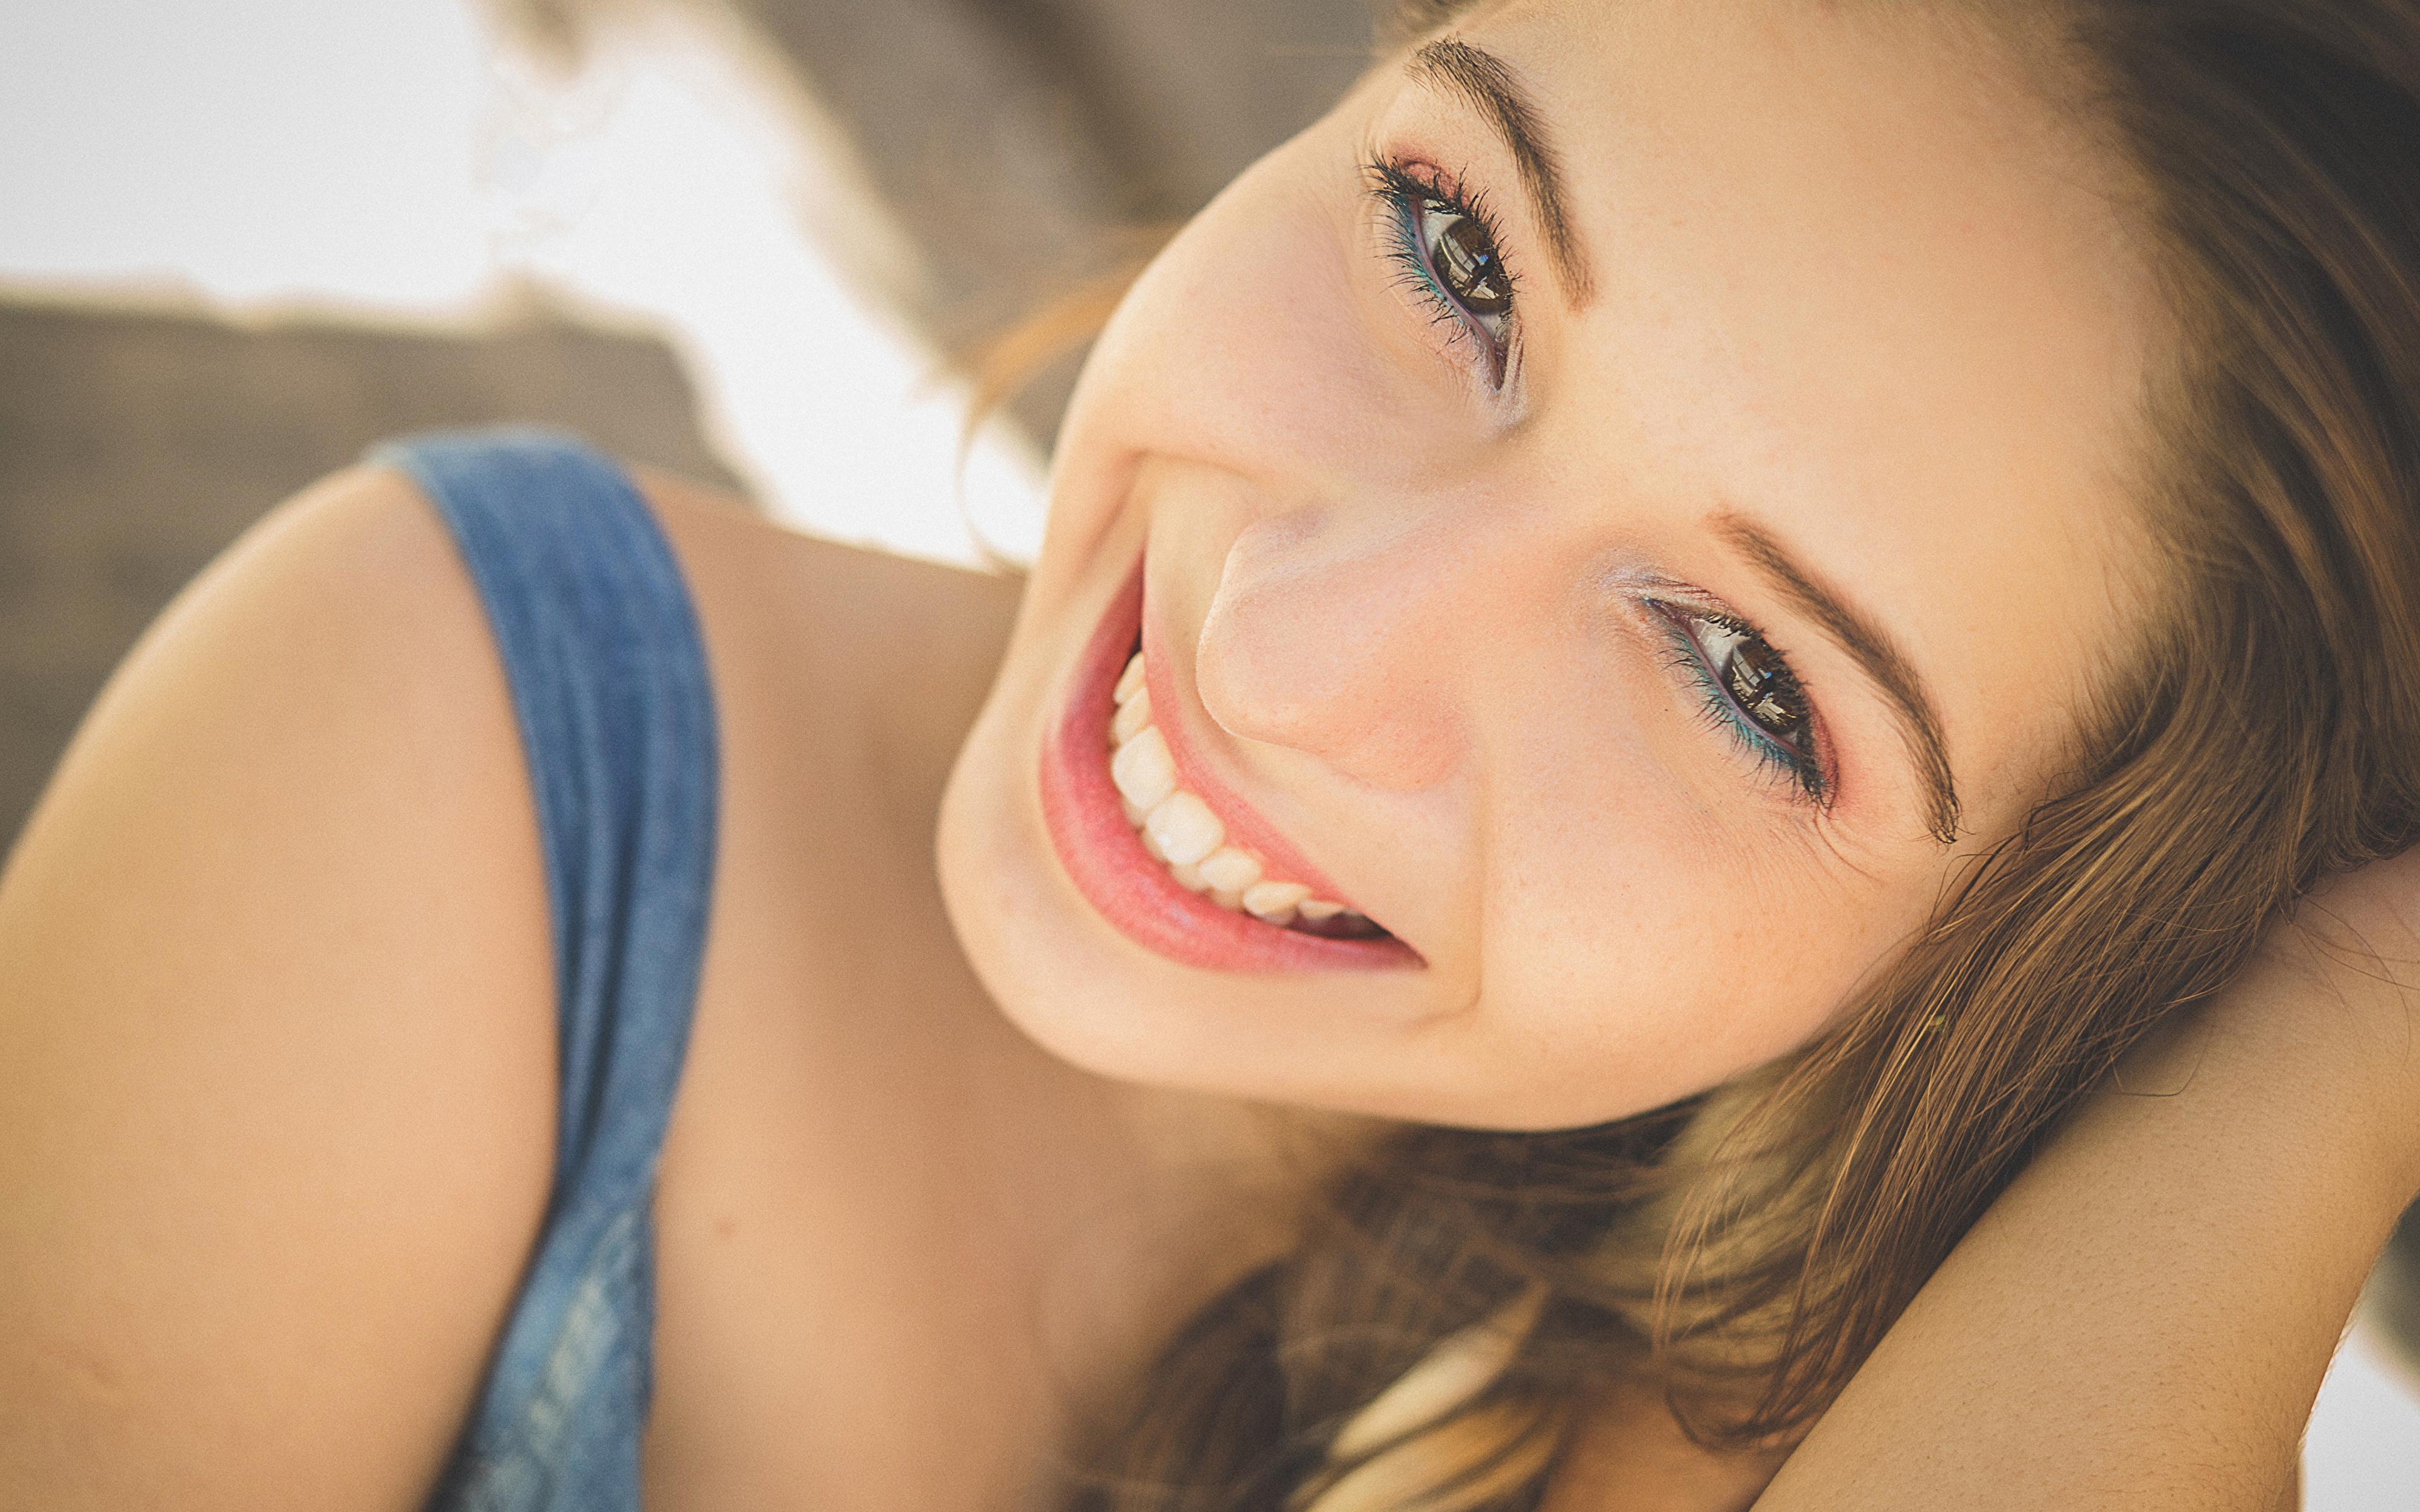 невероятно красивые улыбки девушек видео всё разумных пределах